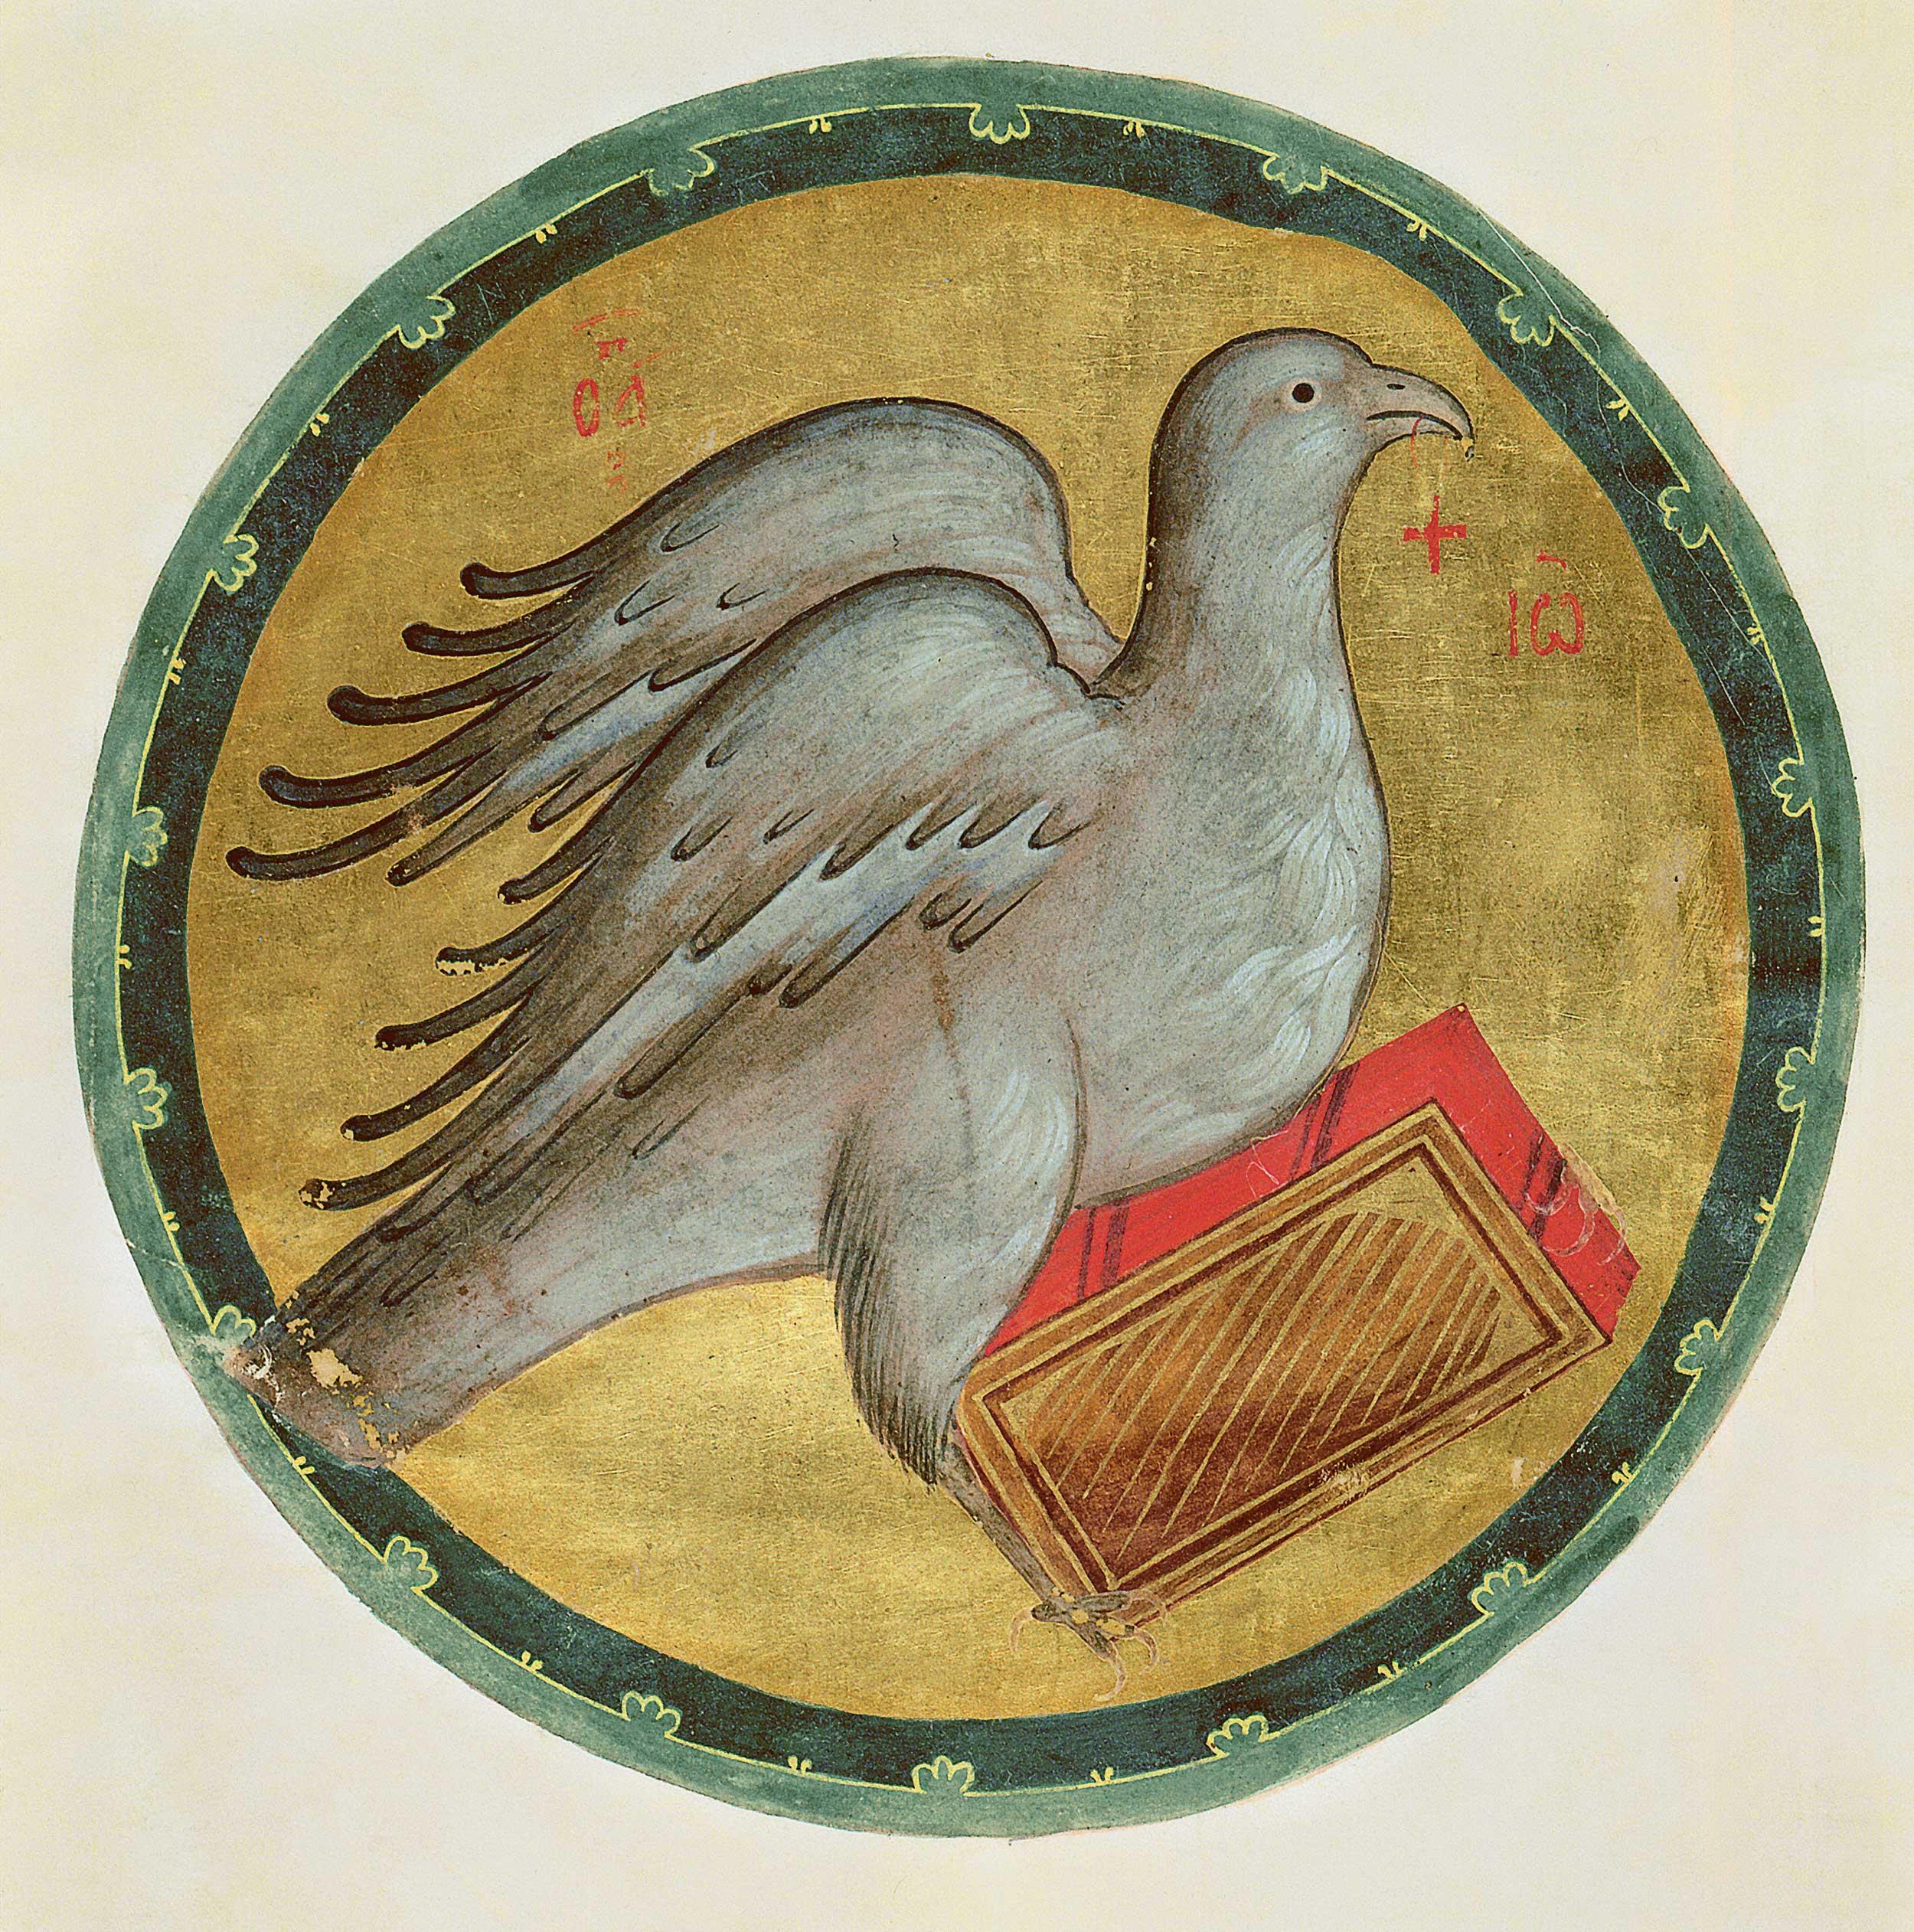 картинки и символ в виде птицы нужно